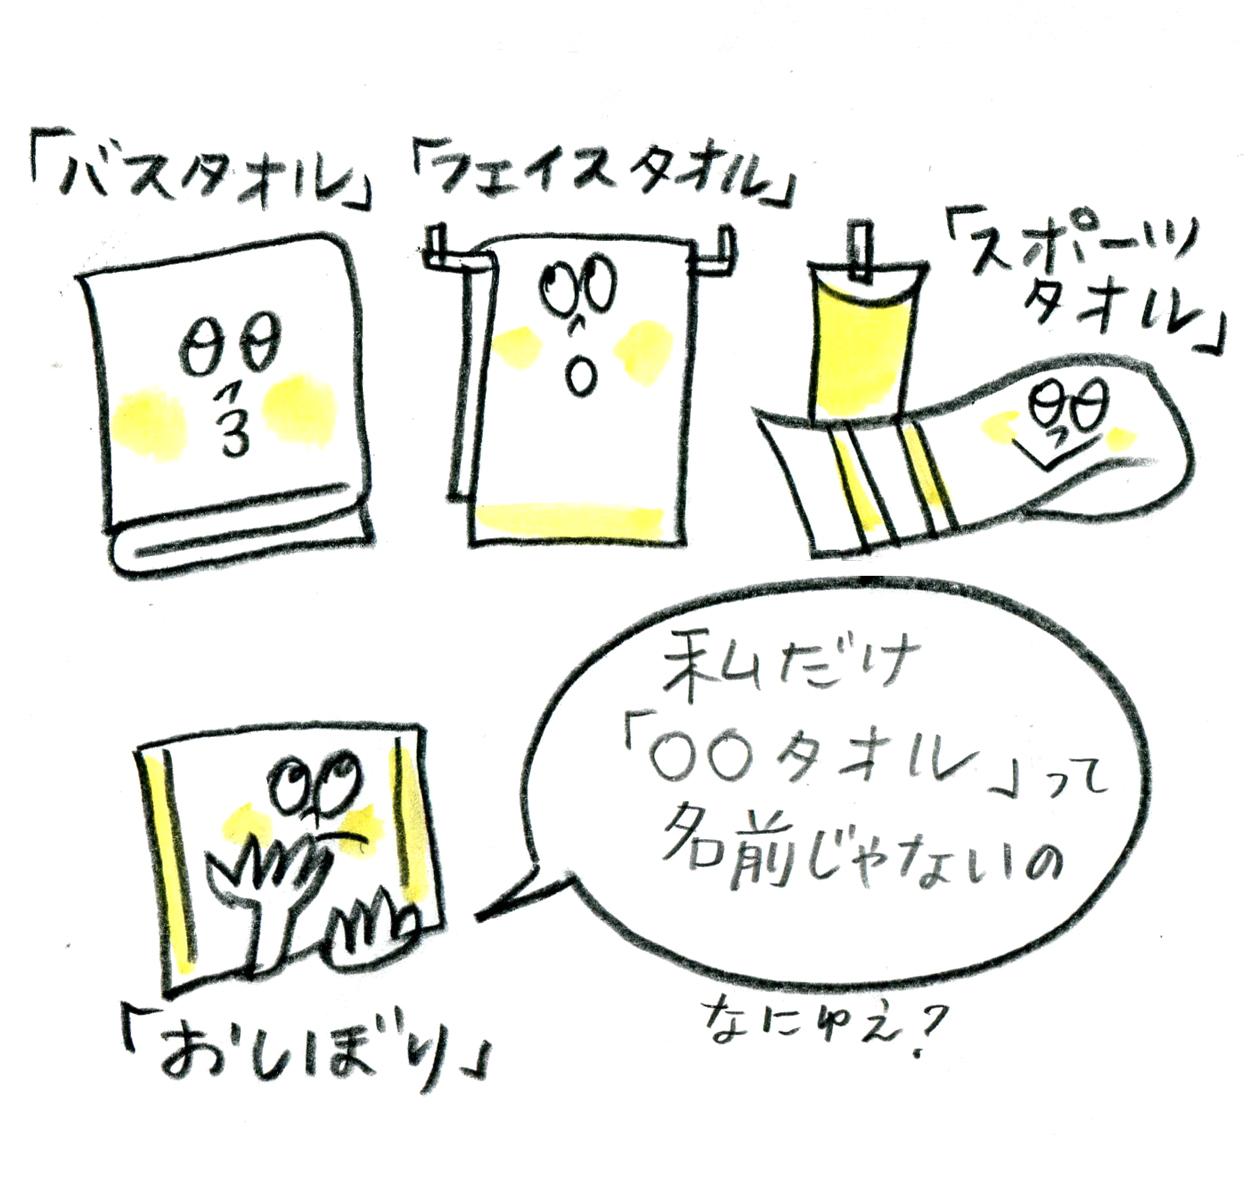 【タオルの気持ち④】おしぼり